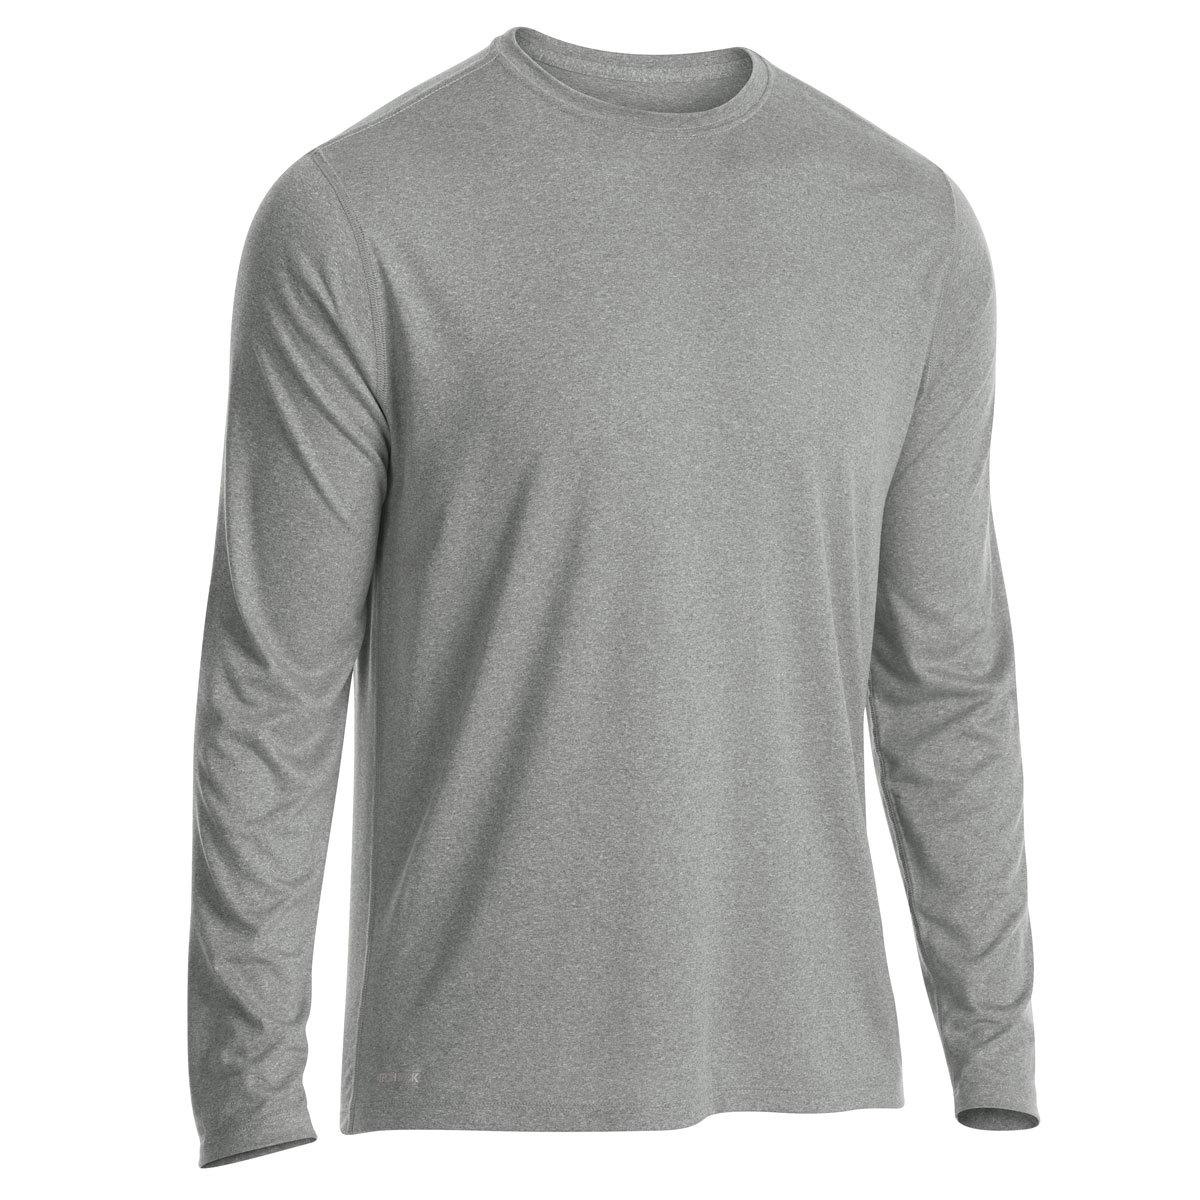 Ems Men's Techwick Essentials Long-Sleeve Shirt - Black, XXL